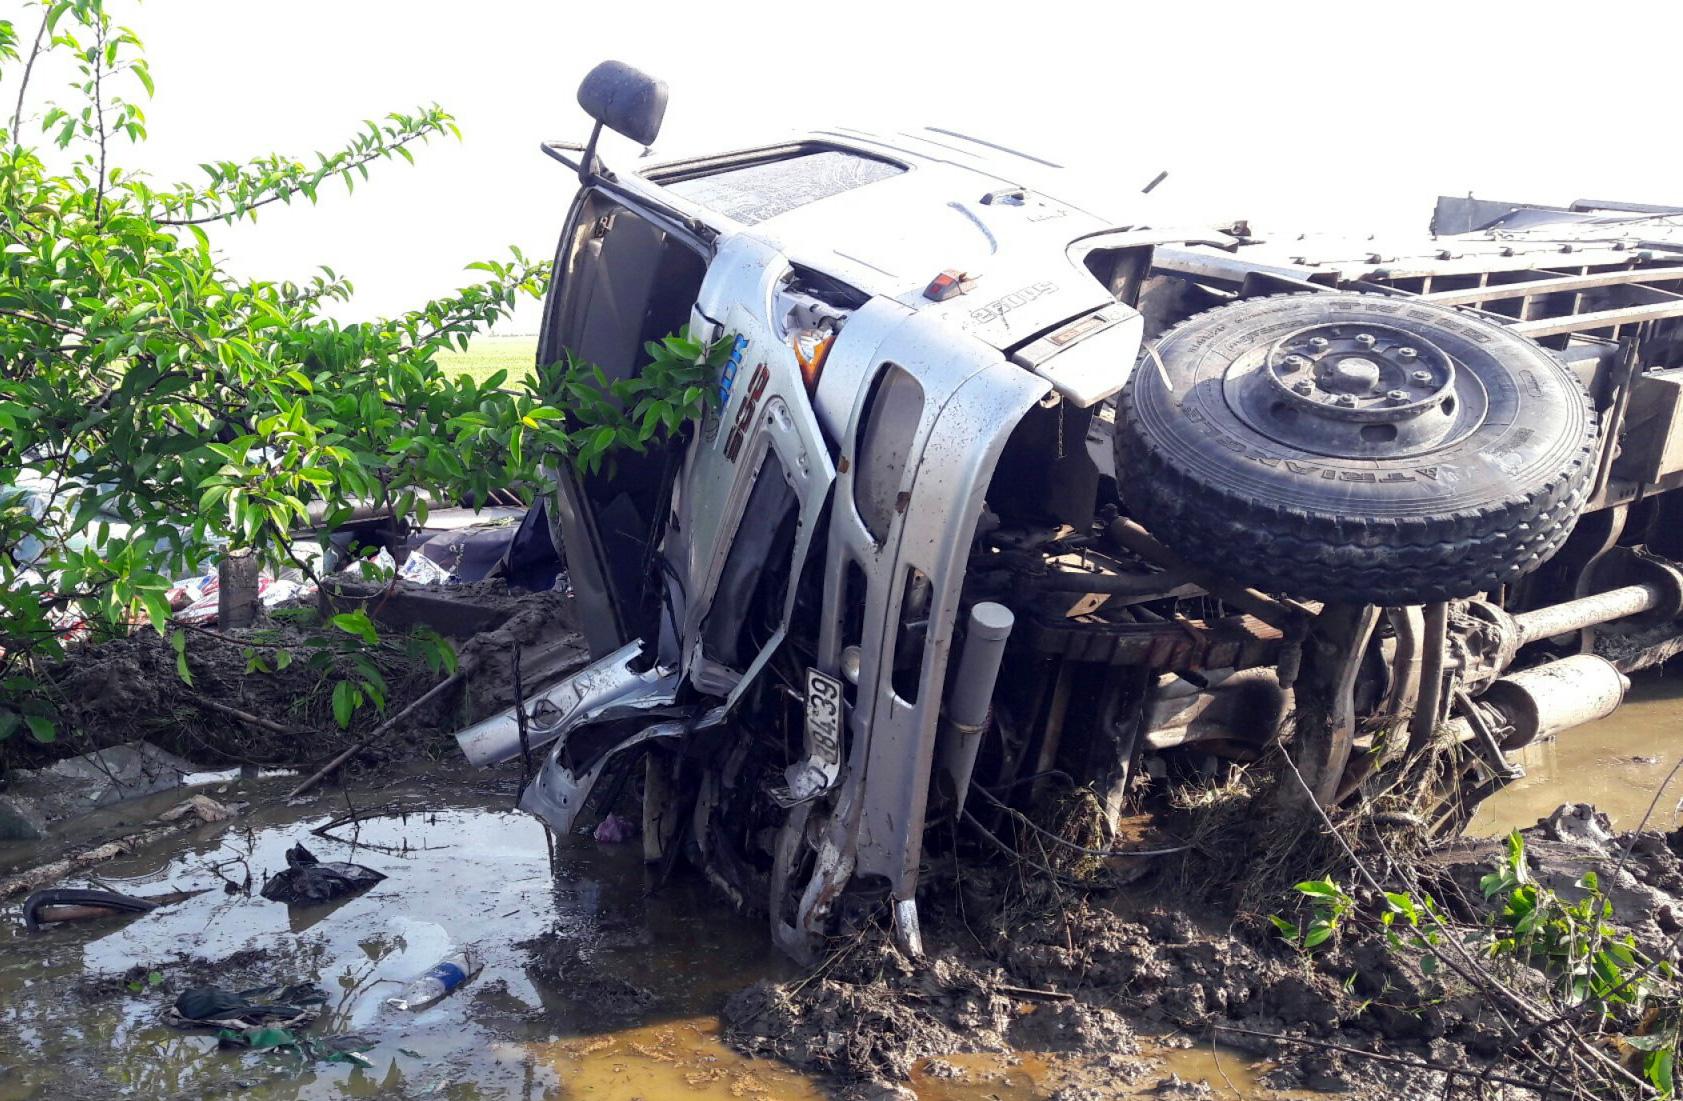 Bạc Liêu: Xe tải đâm xe khách văng xuống ruộng lúa, nhiều người thương vong - Ảnh 2.